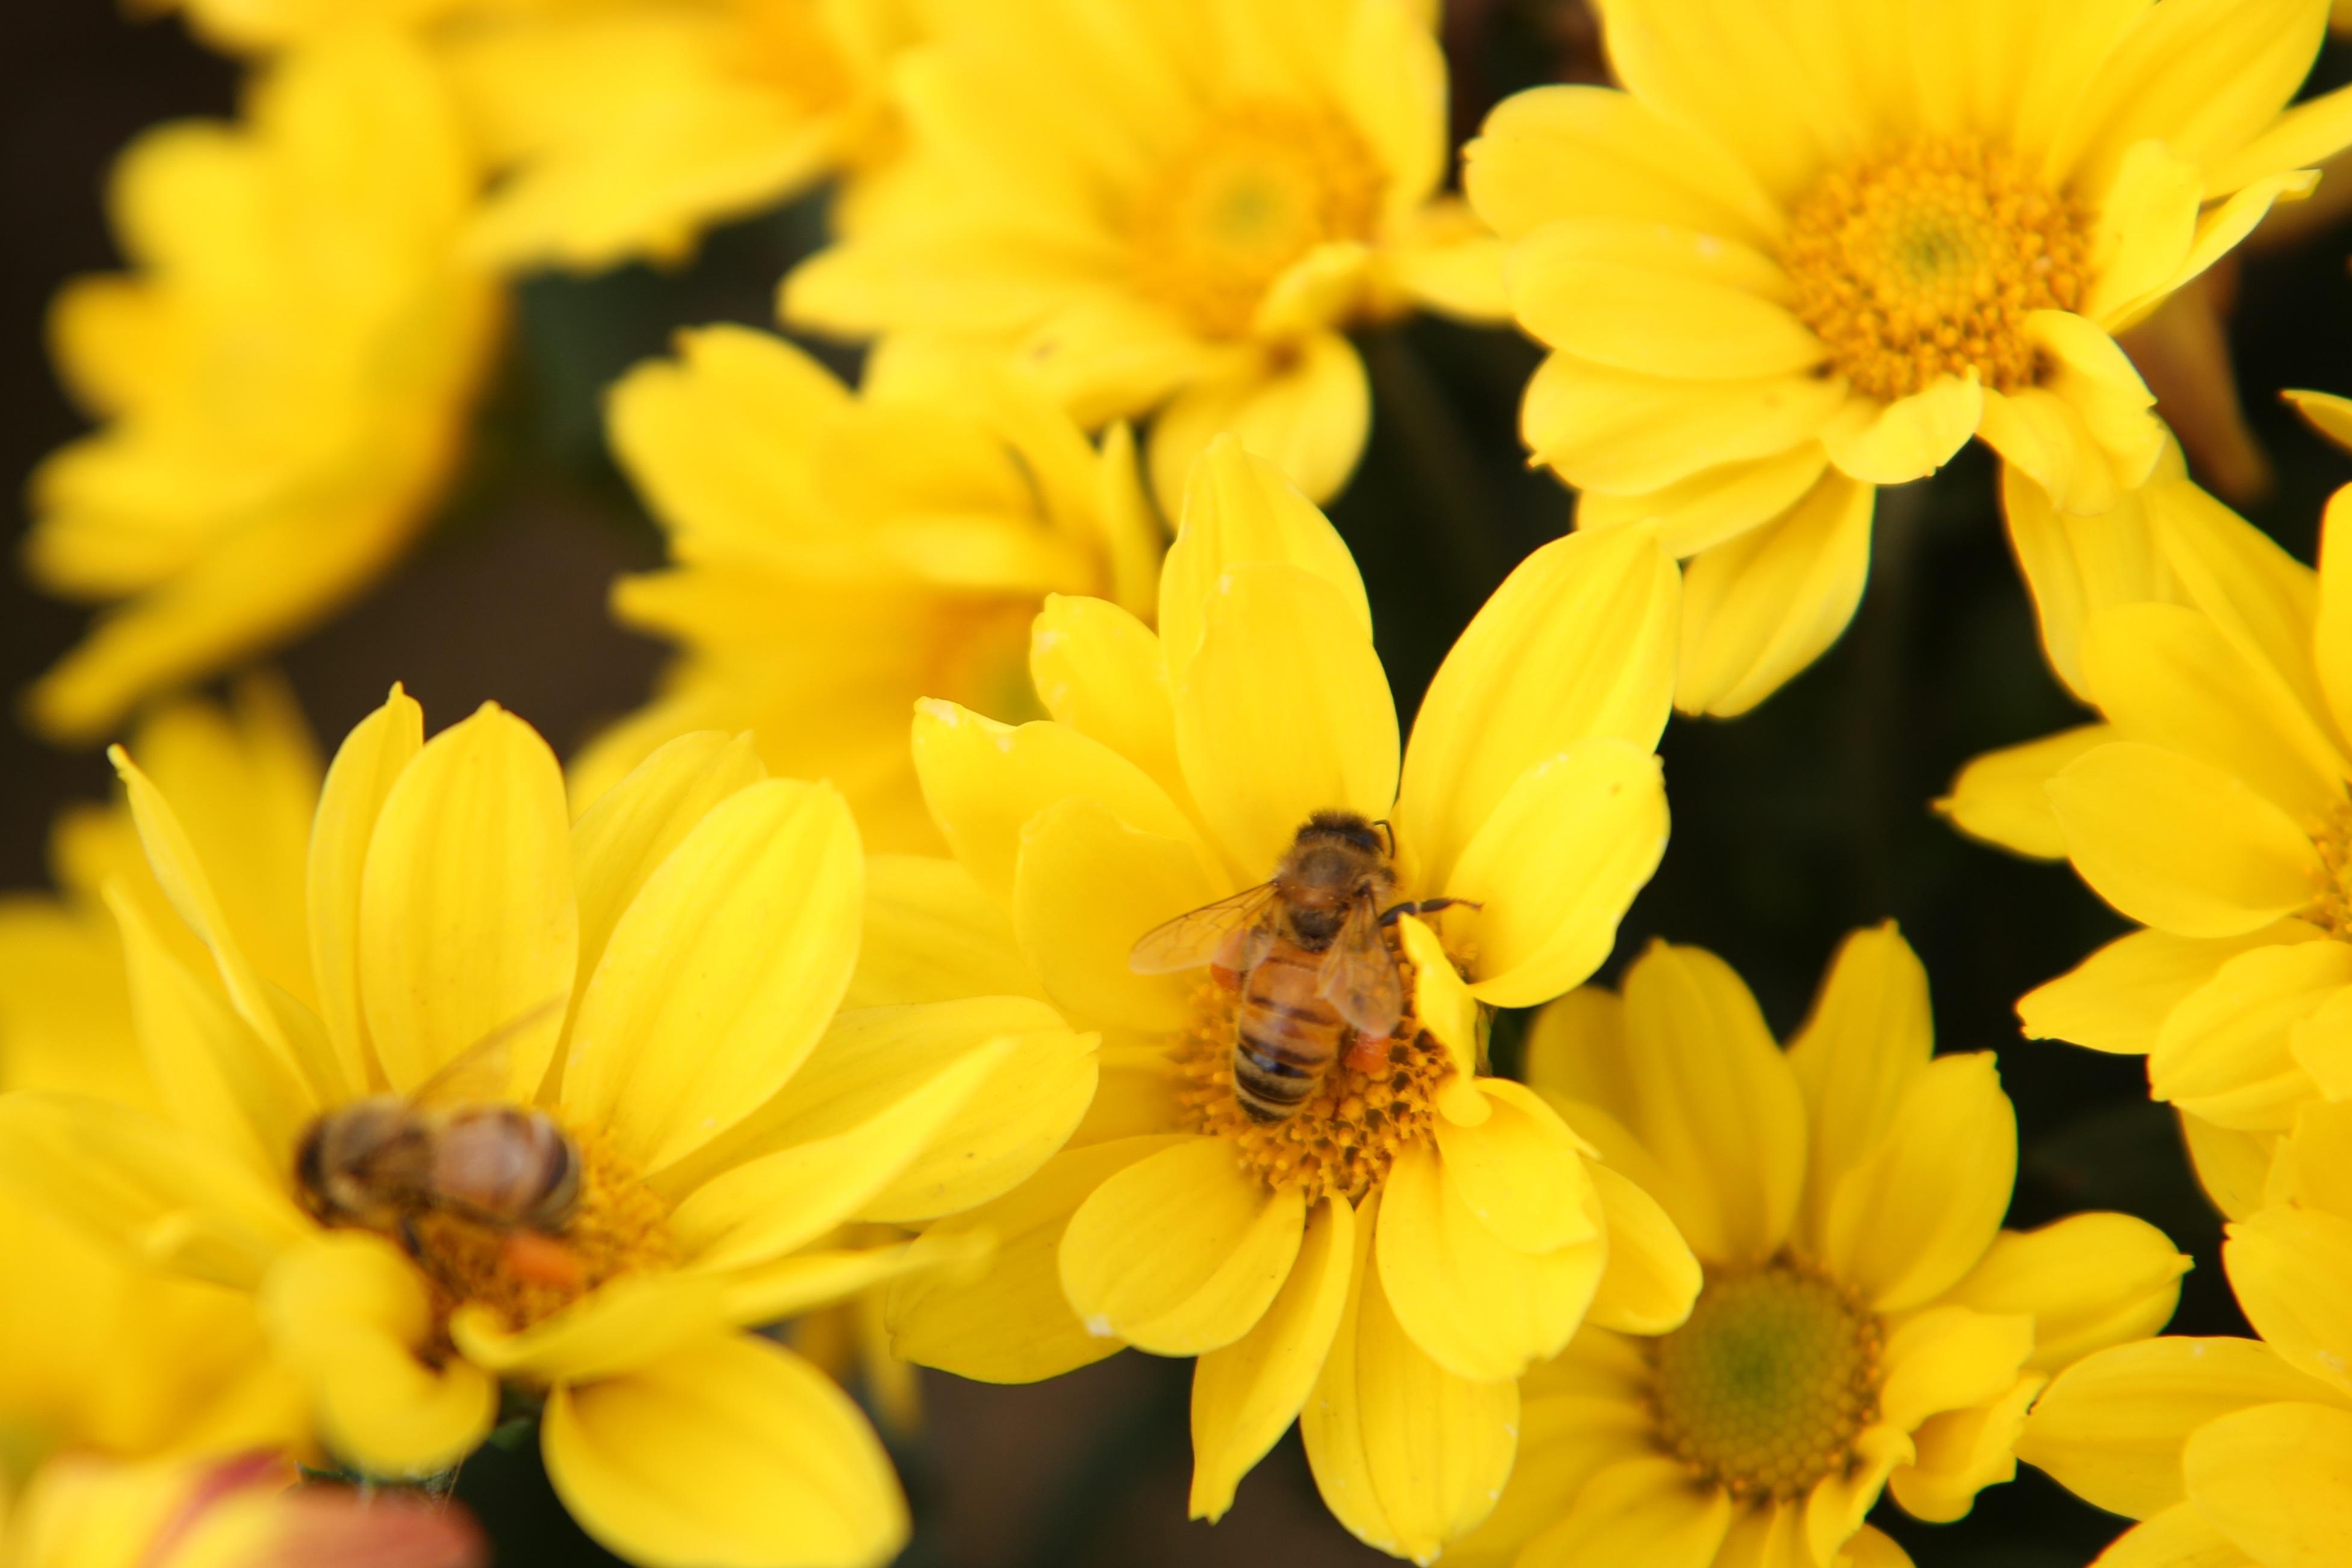 images gratuites paysage la nature fleur plante p tale pollen l 39 automne jaune flore. Black Bedroom Furniture Sets. Home Design Ideas